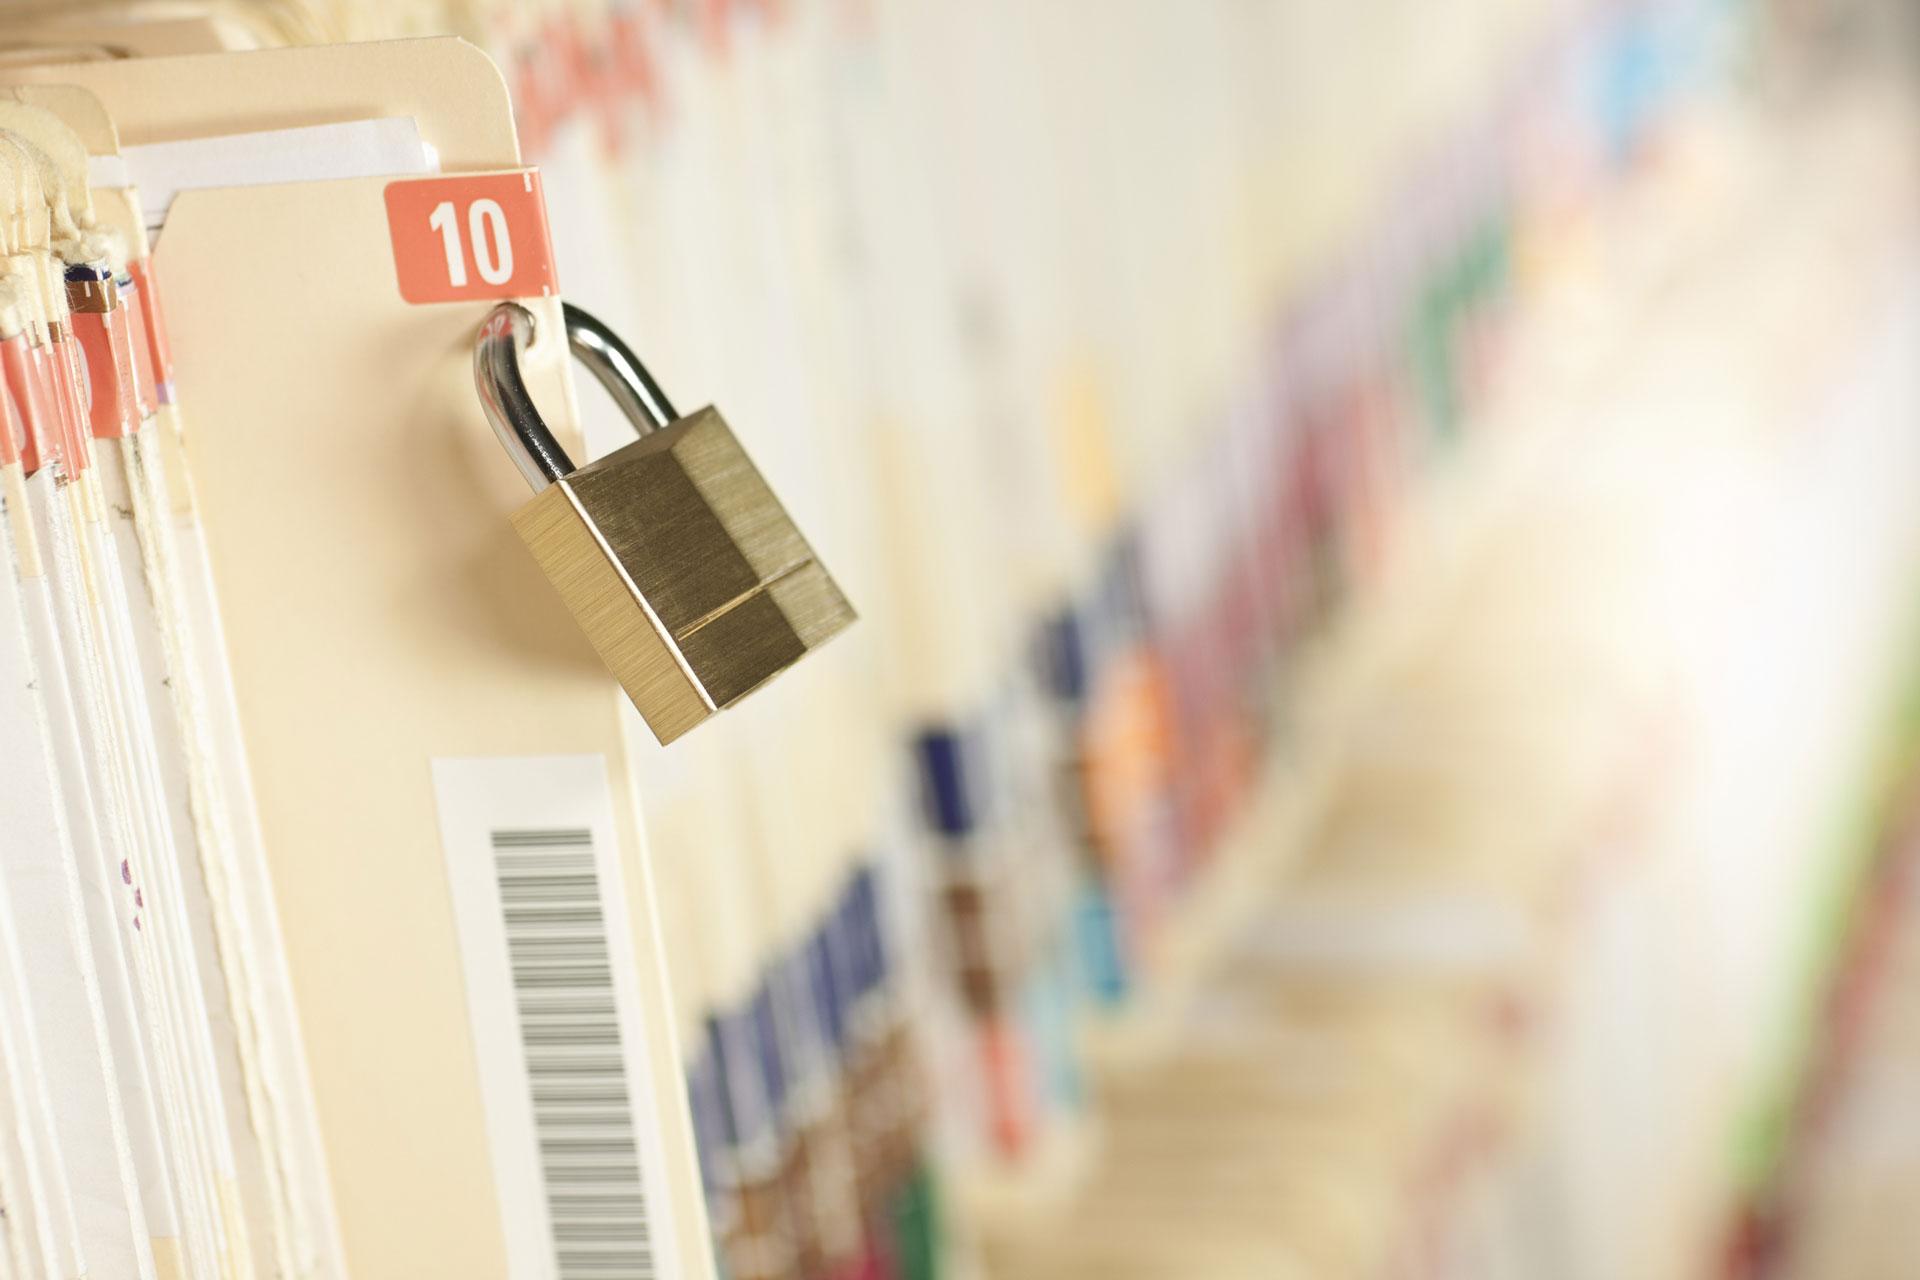 digitale Personalakte - Fällt die digitale Personalakte unter den Datenschutz?